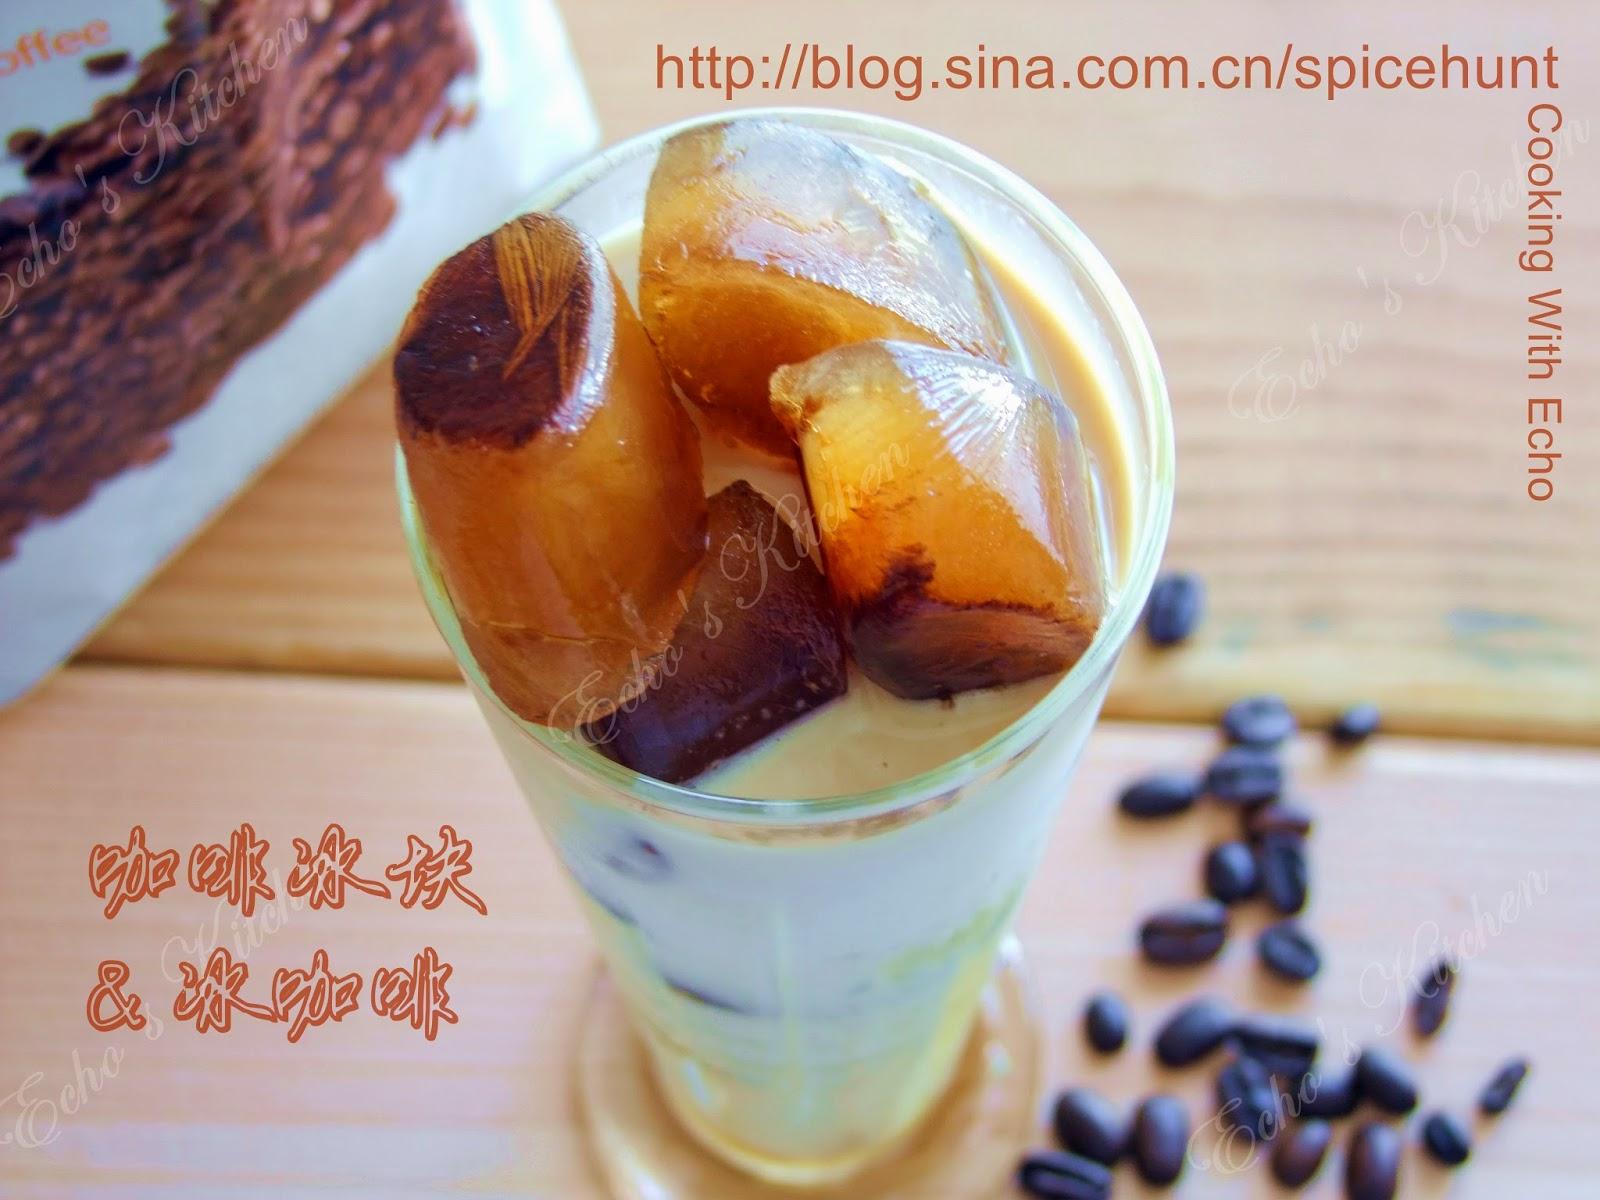 咖啡冰块 & 冰咖啡